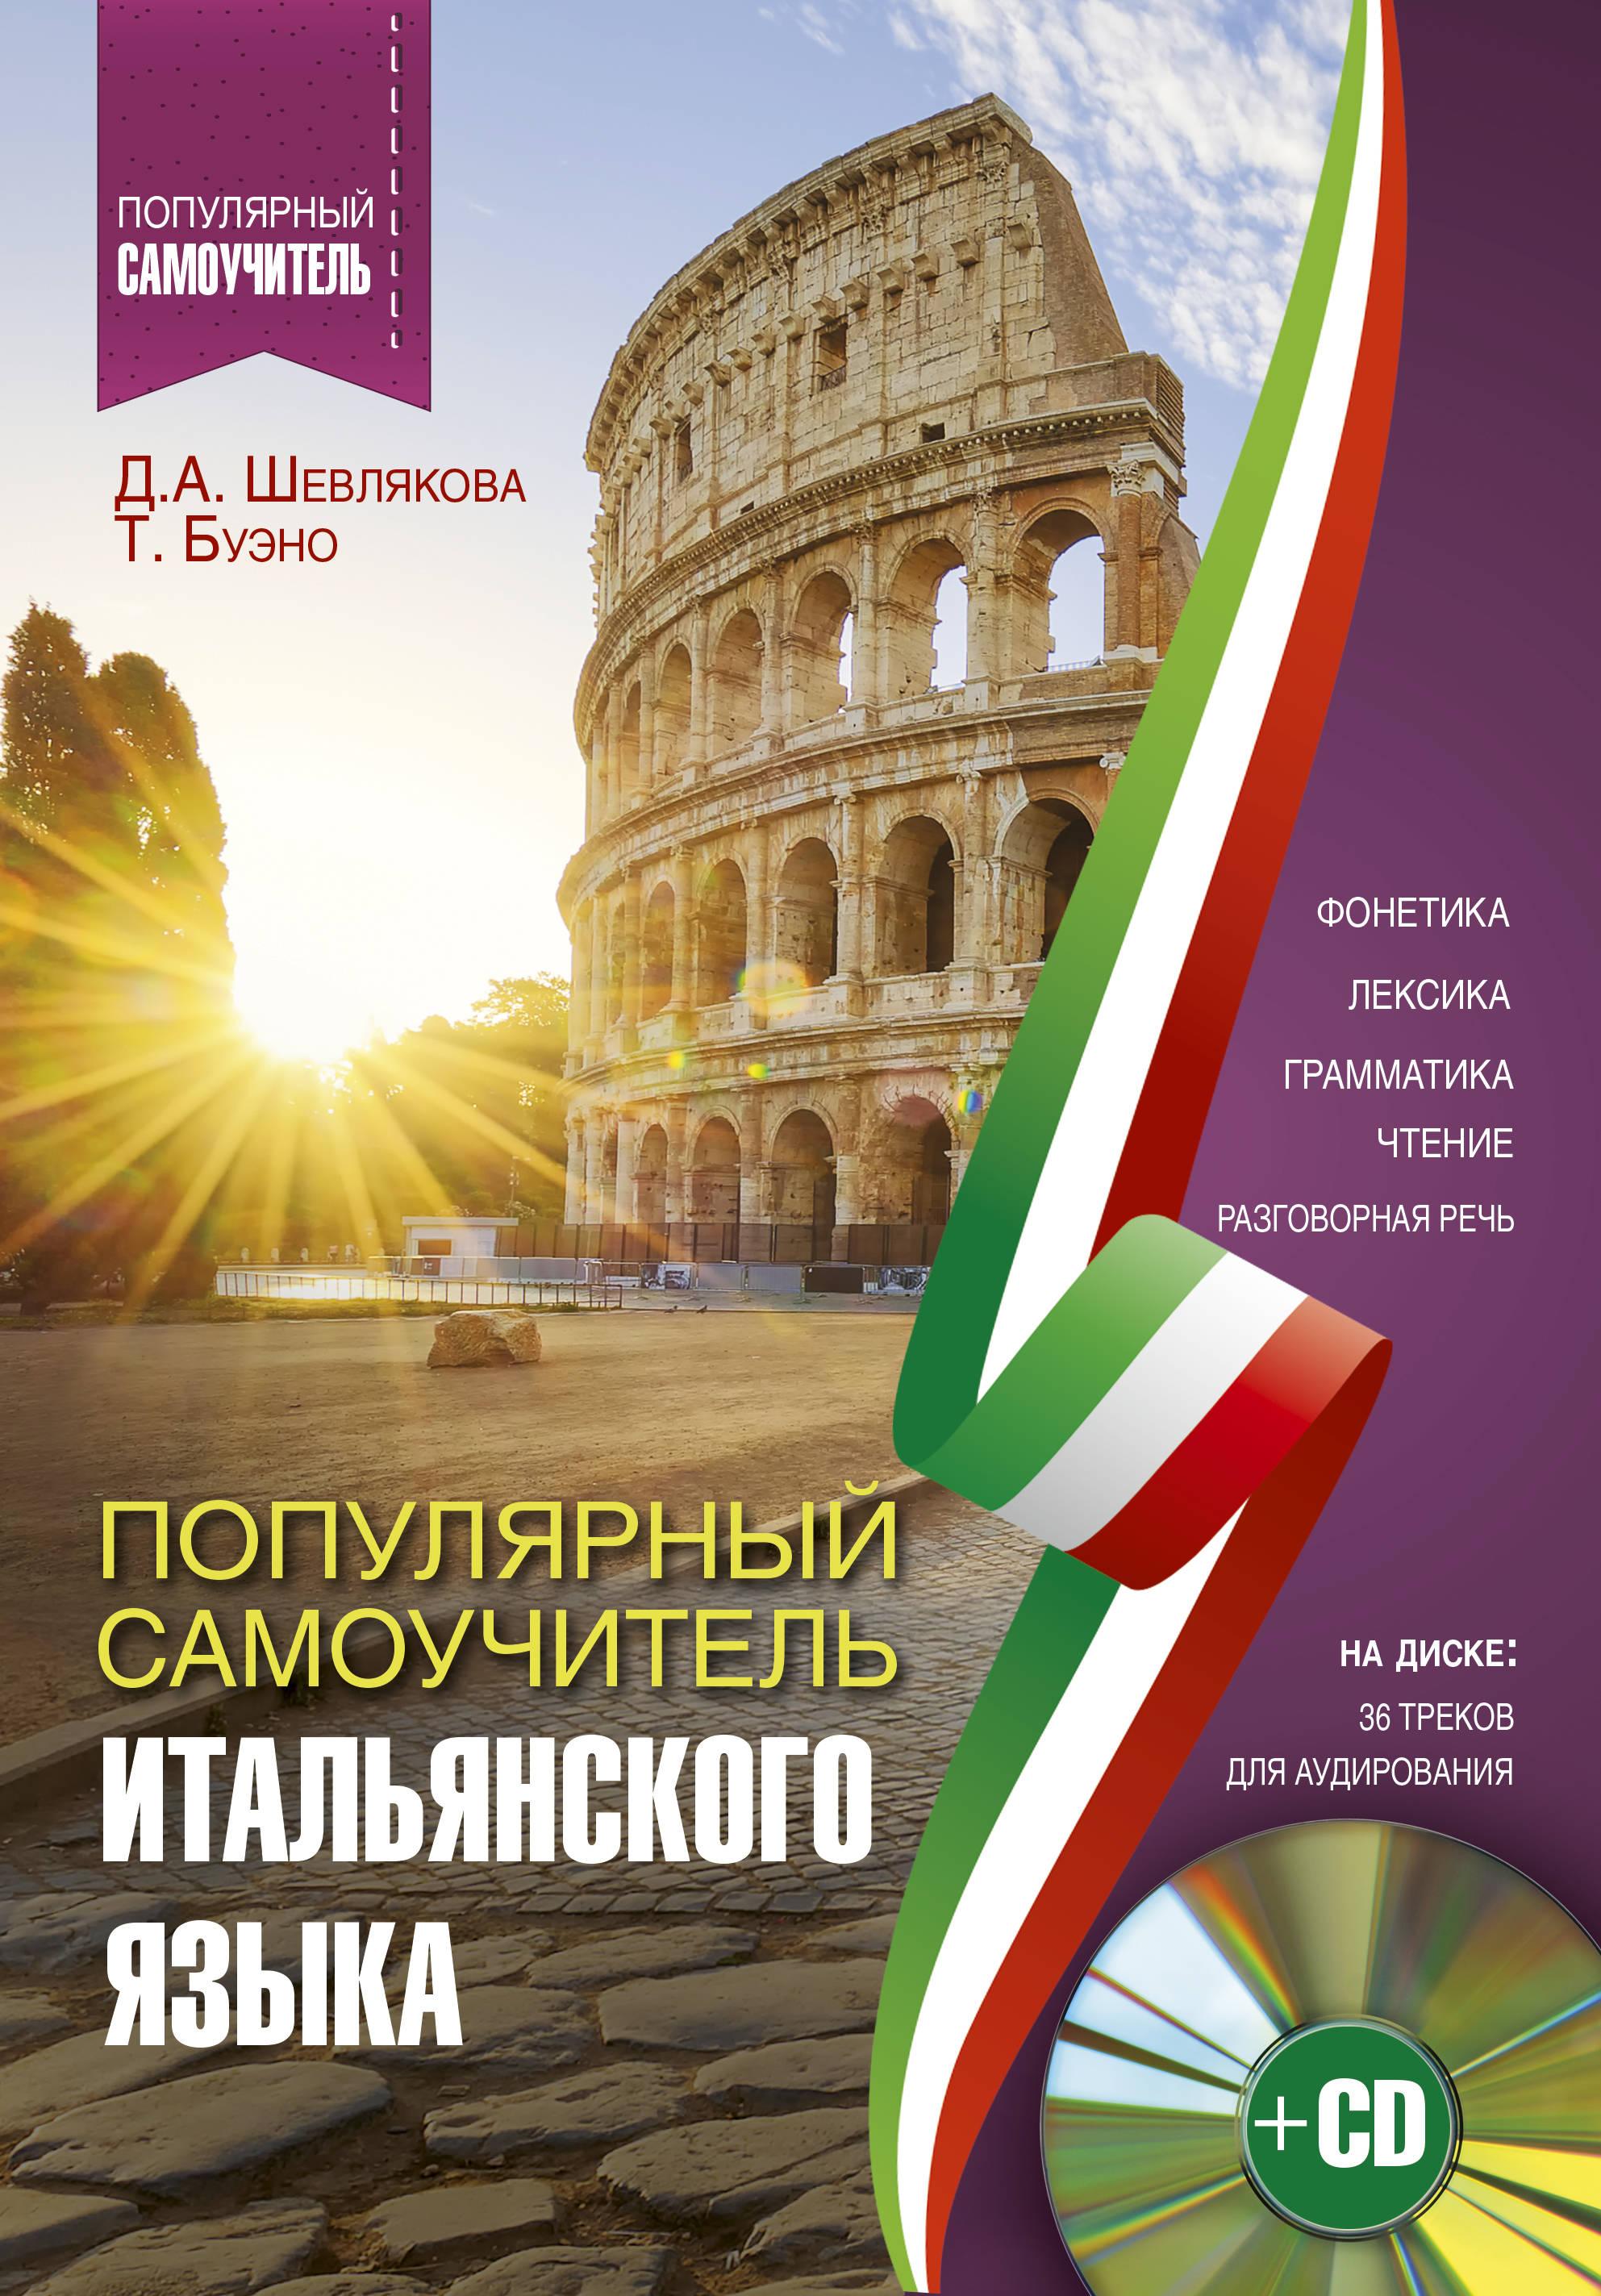 Буэно Томмазо; Шевлякова Дарья Александровна Популярный самоучитель итальянского языка для начинающих (+ CD)